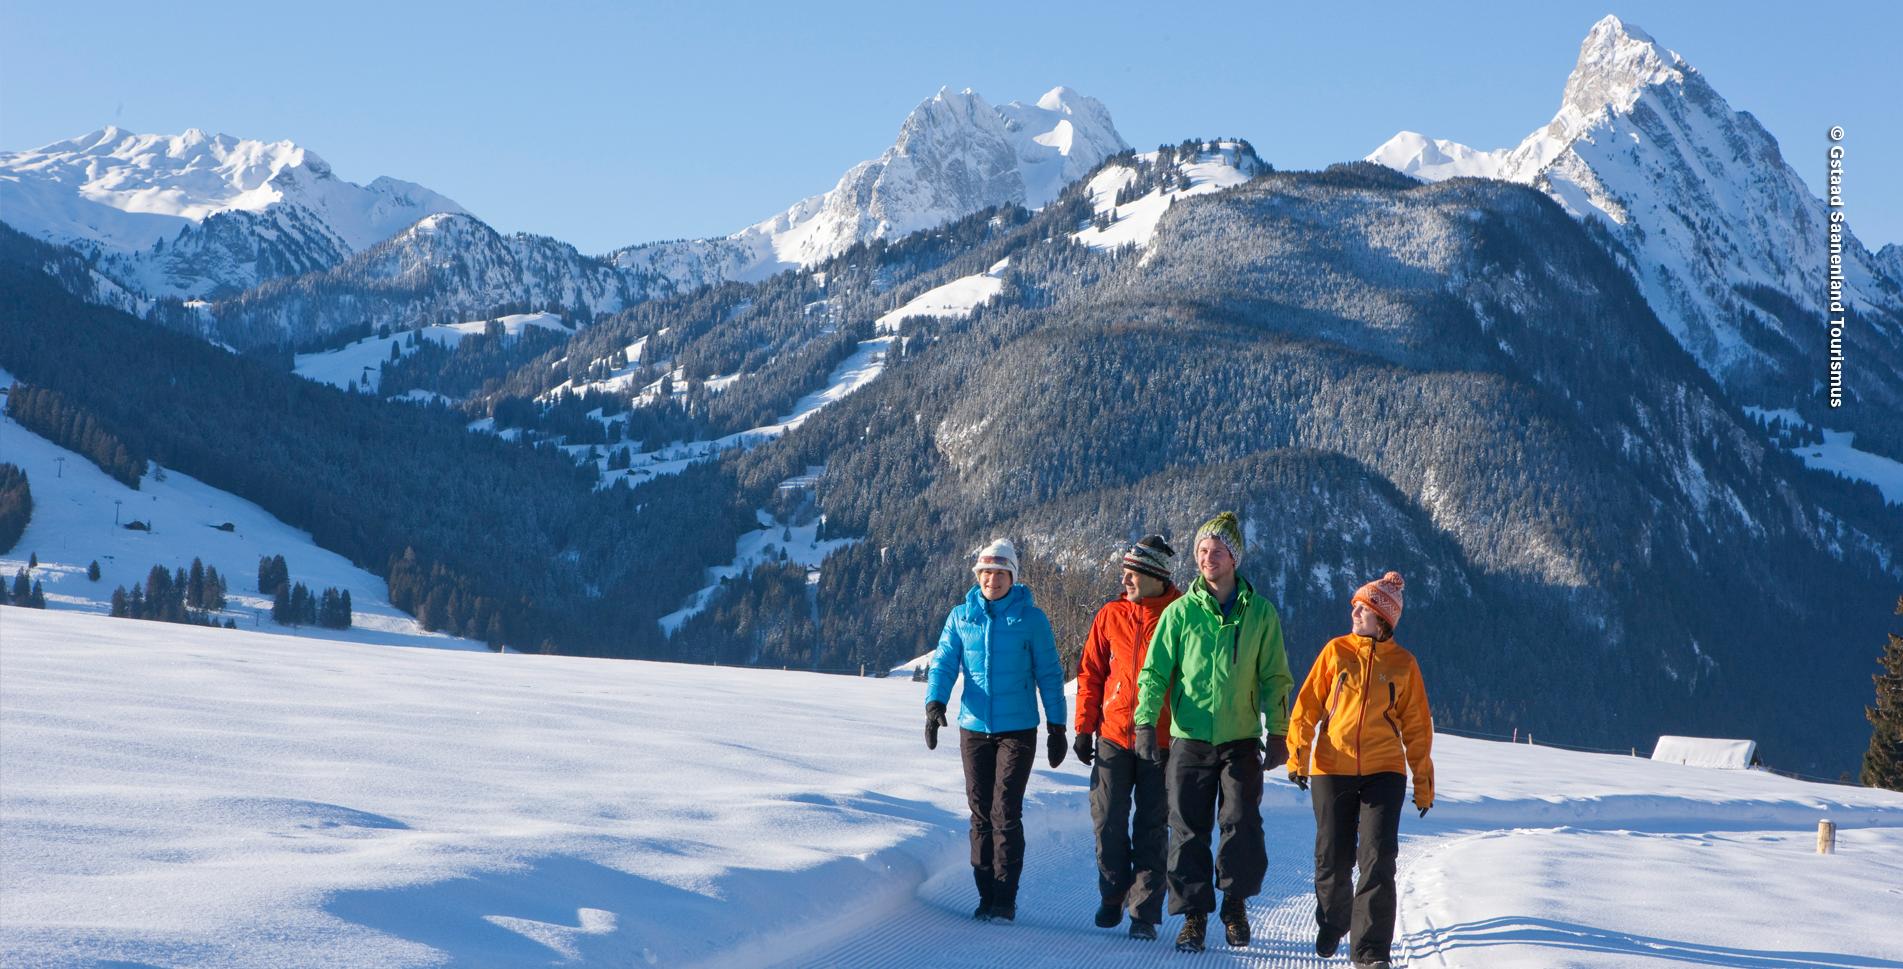 Winterwanderung im Saanenland von Gstaad nach Saanen an der Saane entlang